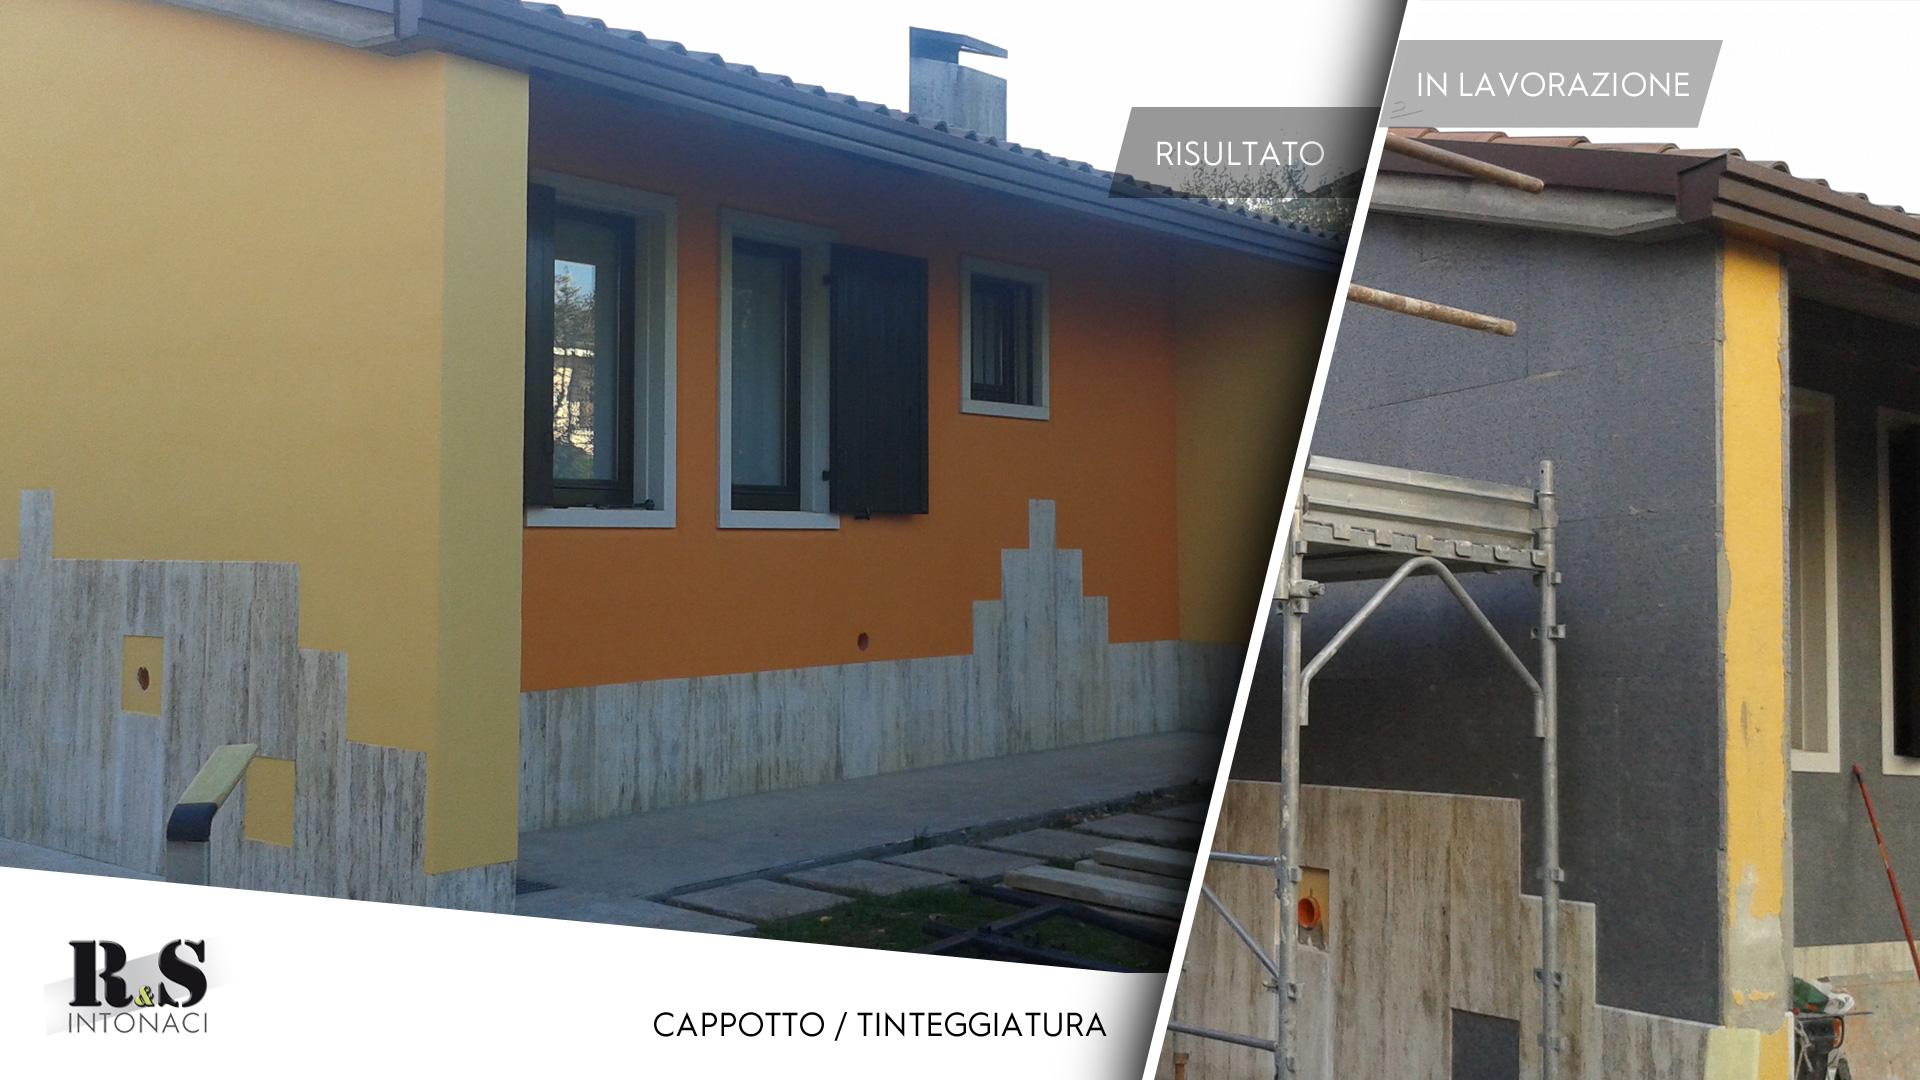 Soluzioni isolanti anti umidit intonaci r s - Cappotto interno casa ...